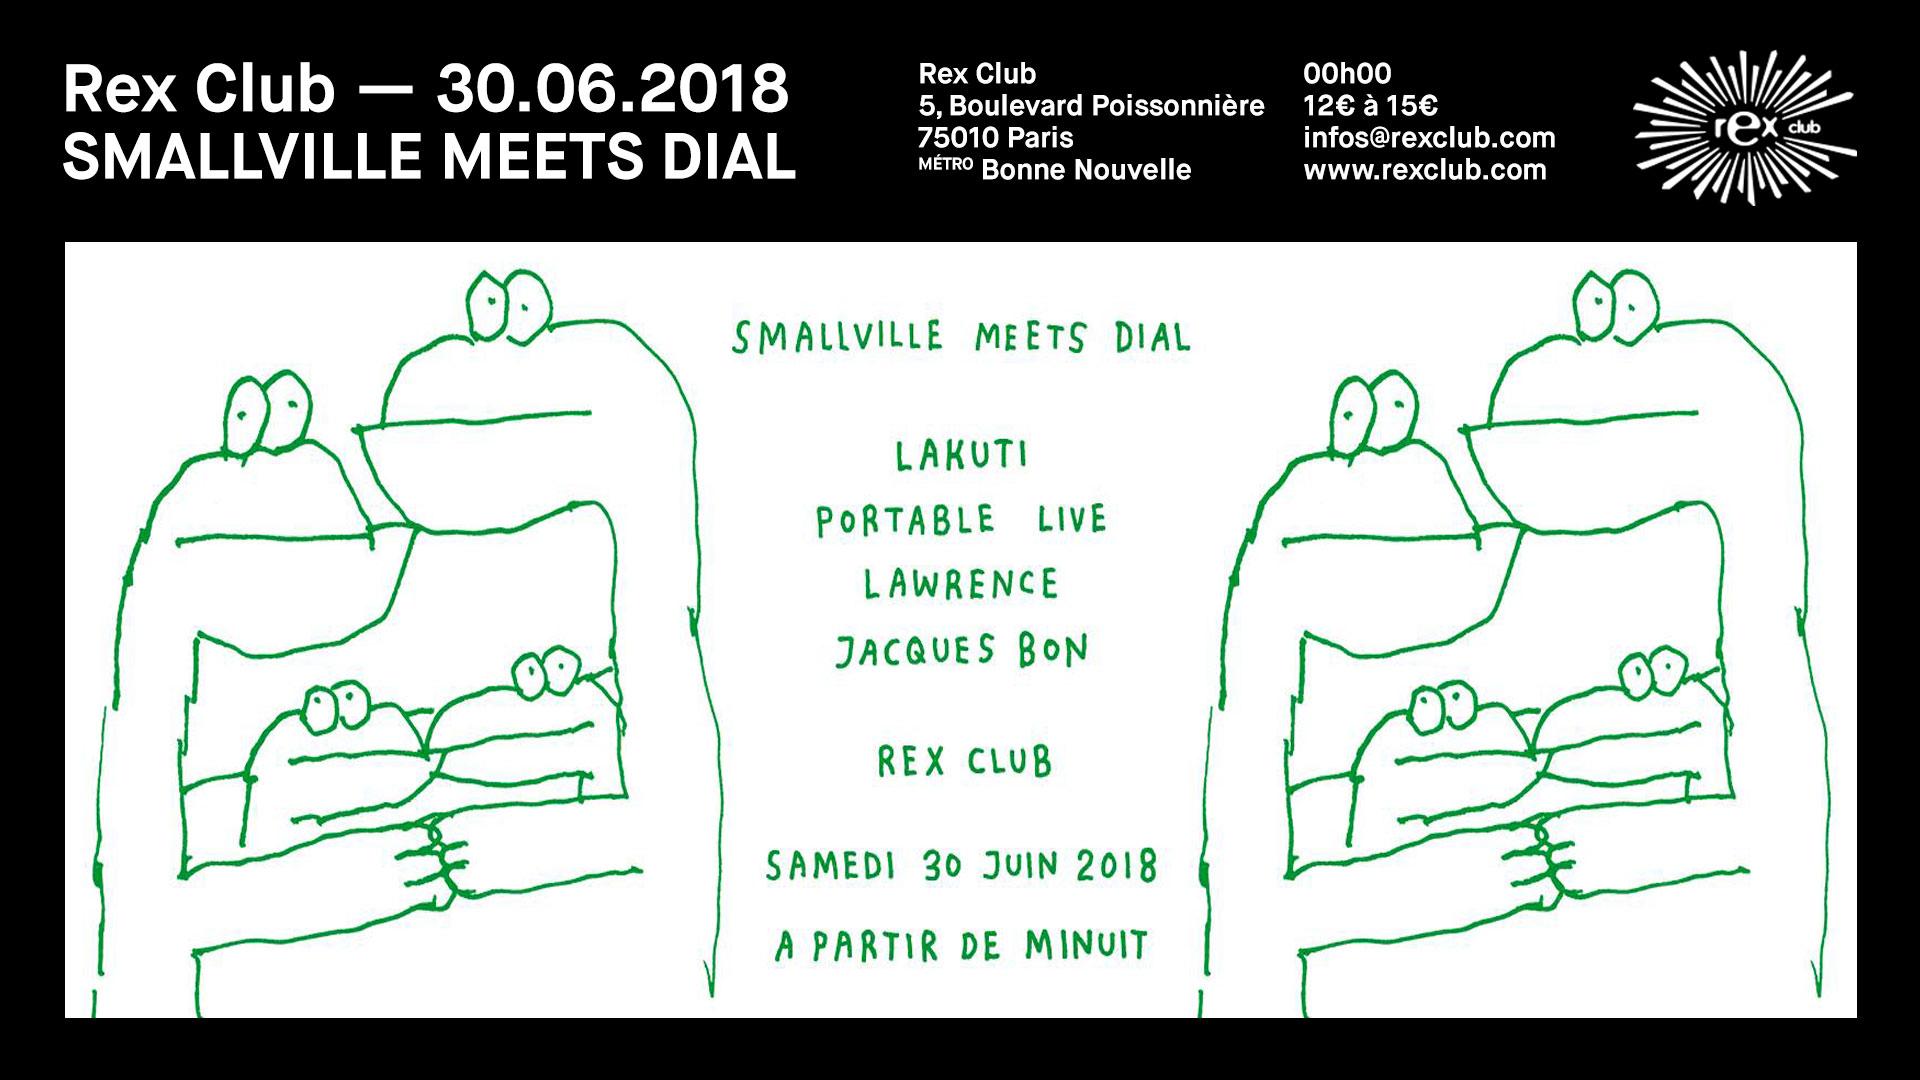 SMALLVILLE MEETS DIAL